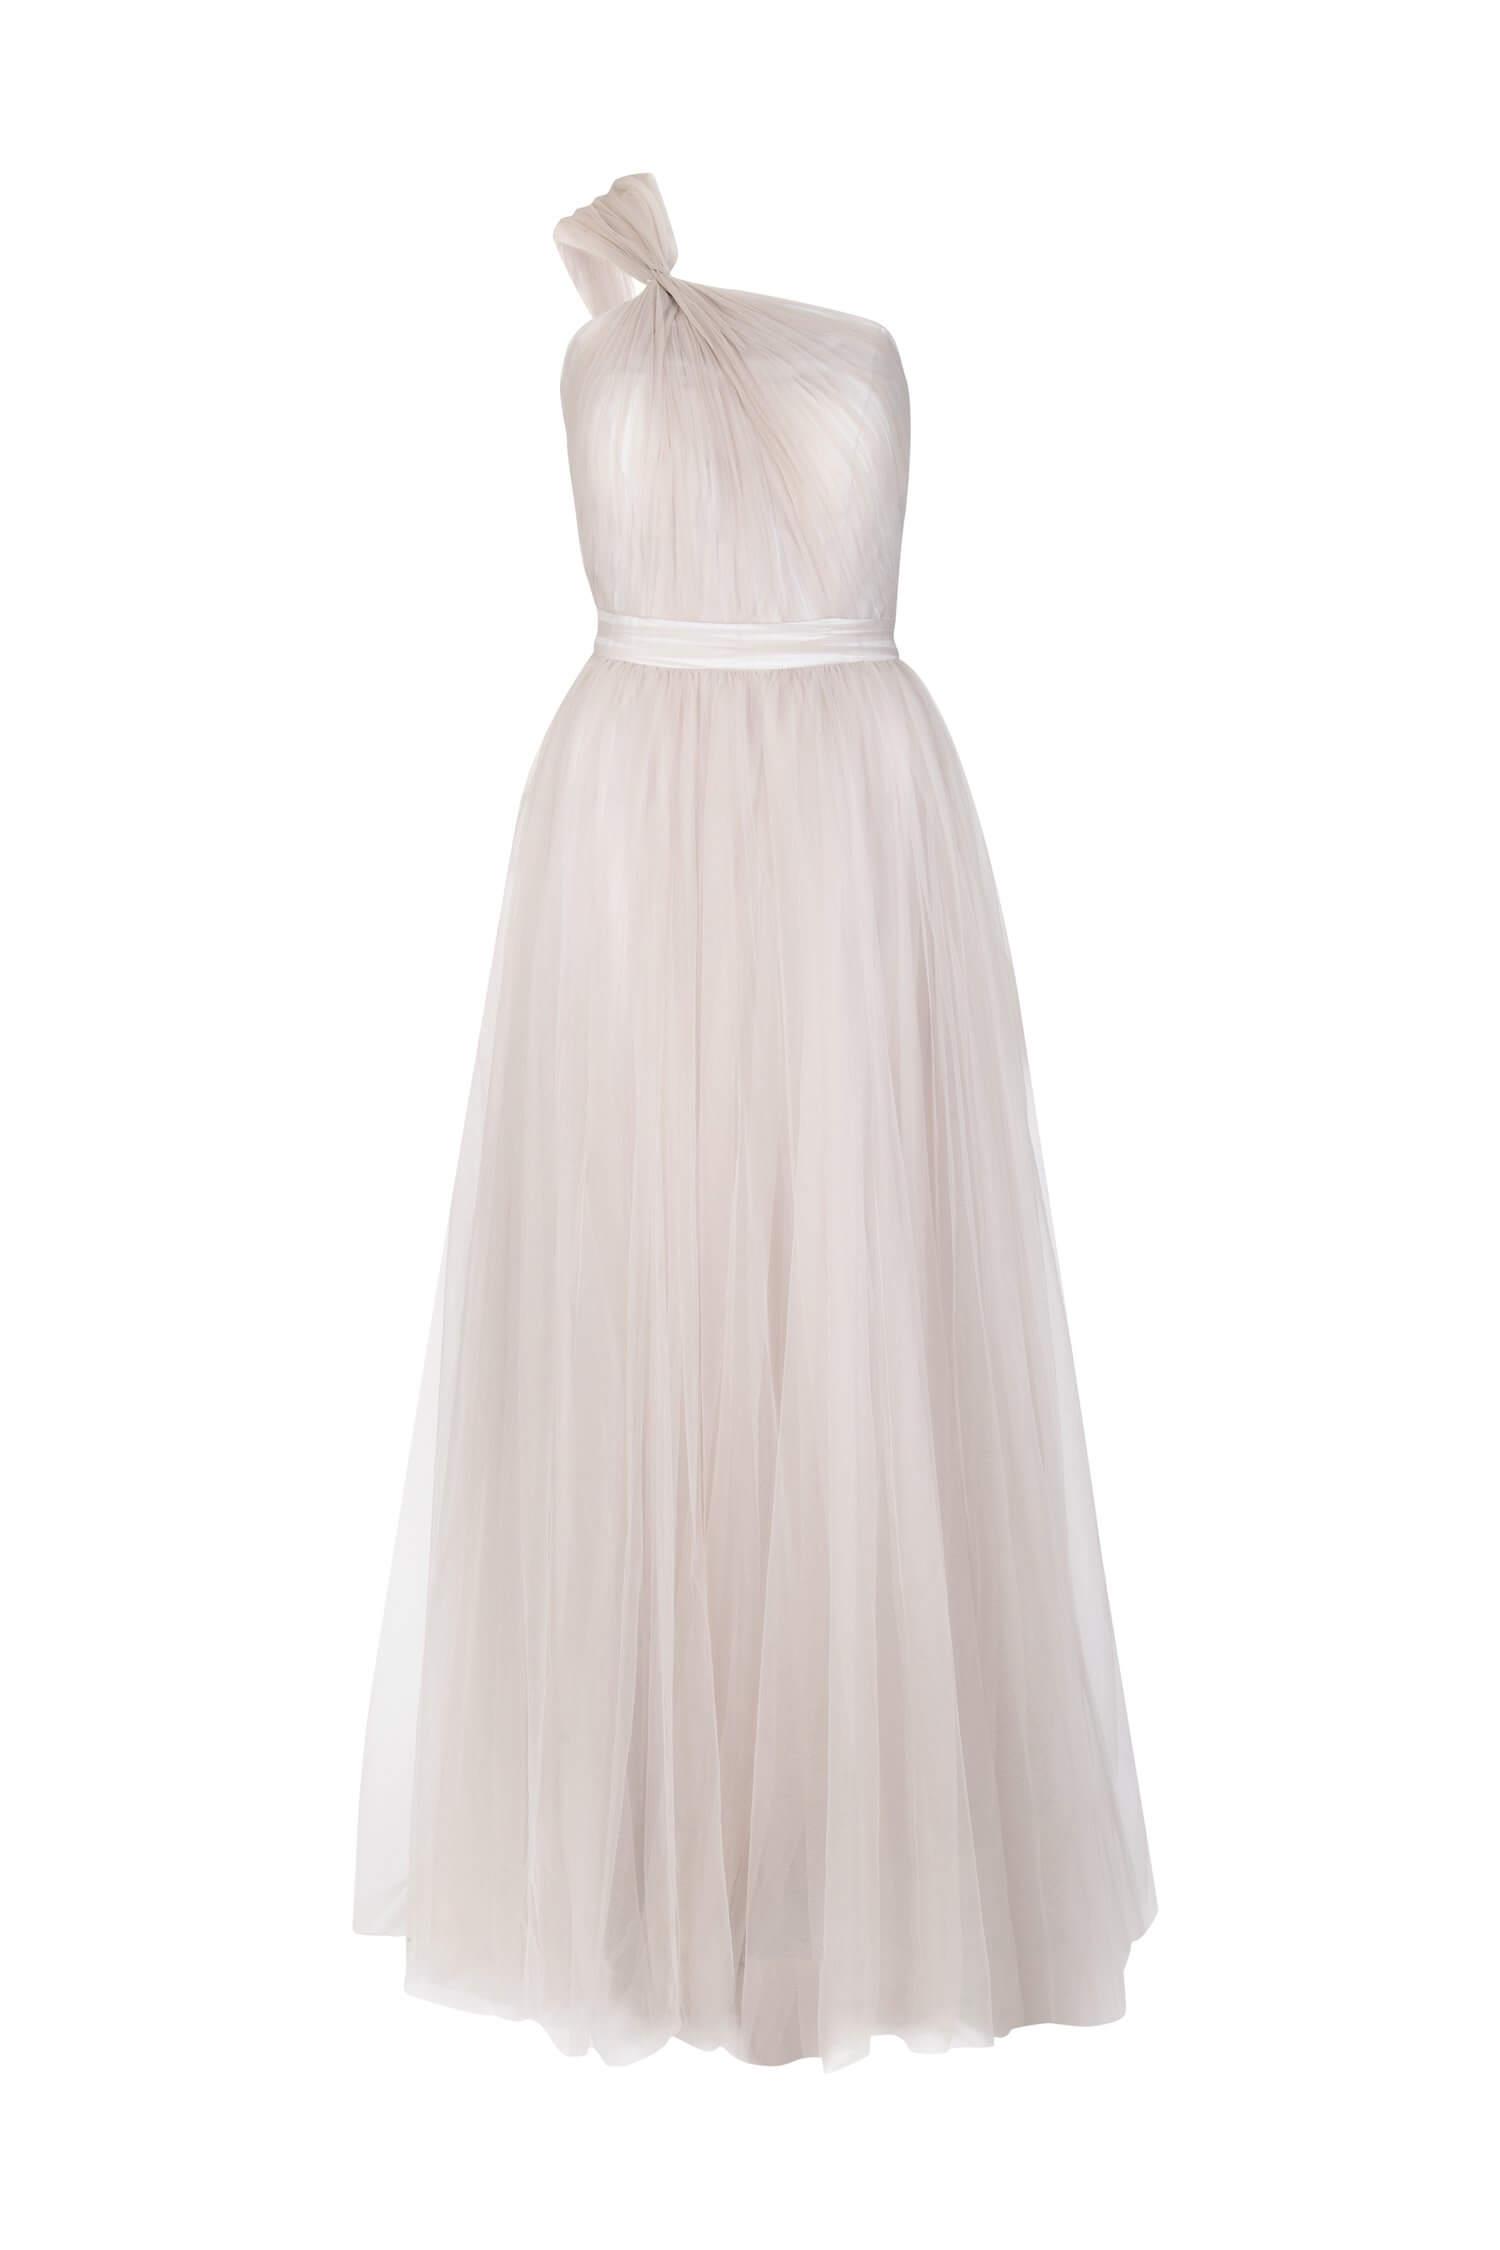 TH&H Luna Bridesmaid Dress TH&H Bridesmaid Dress Silver